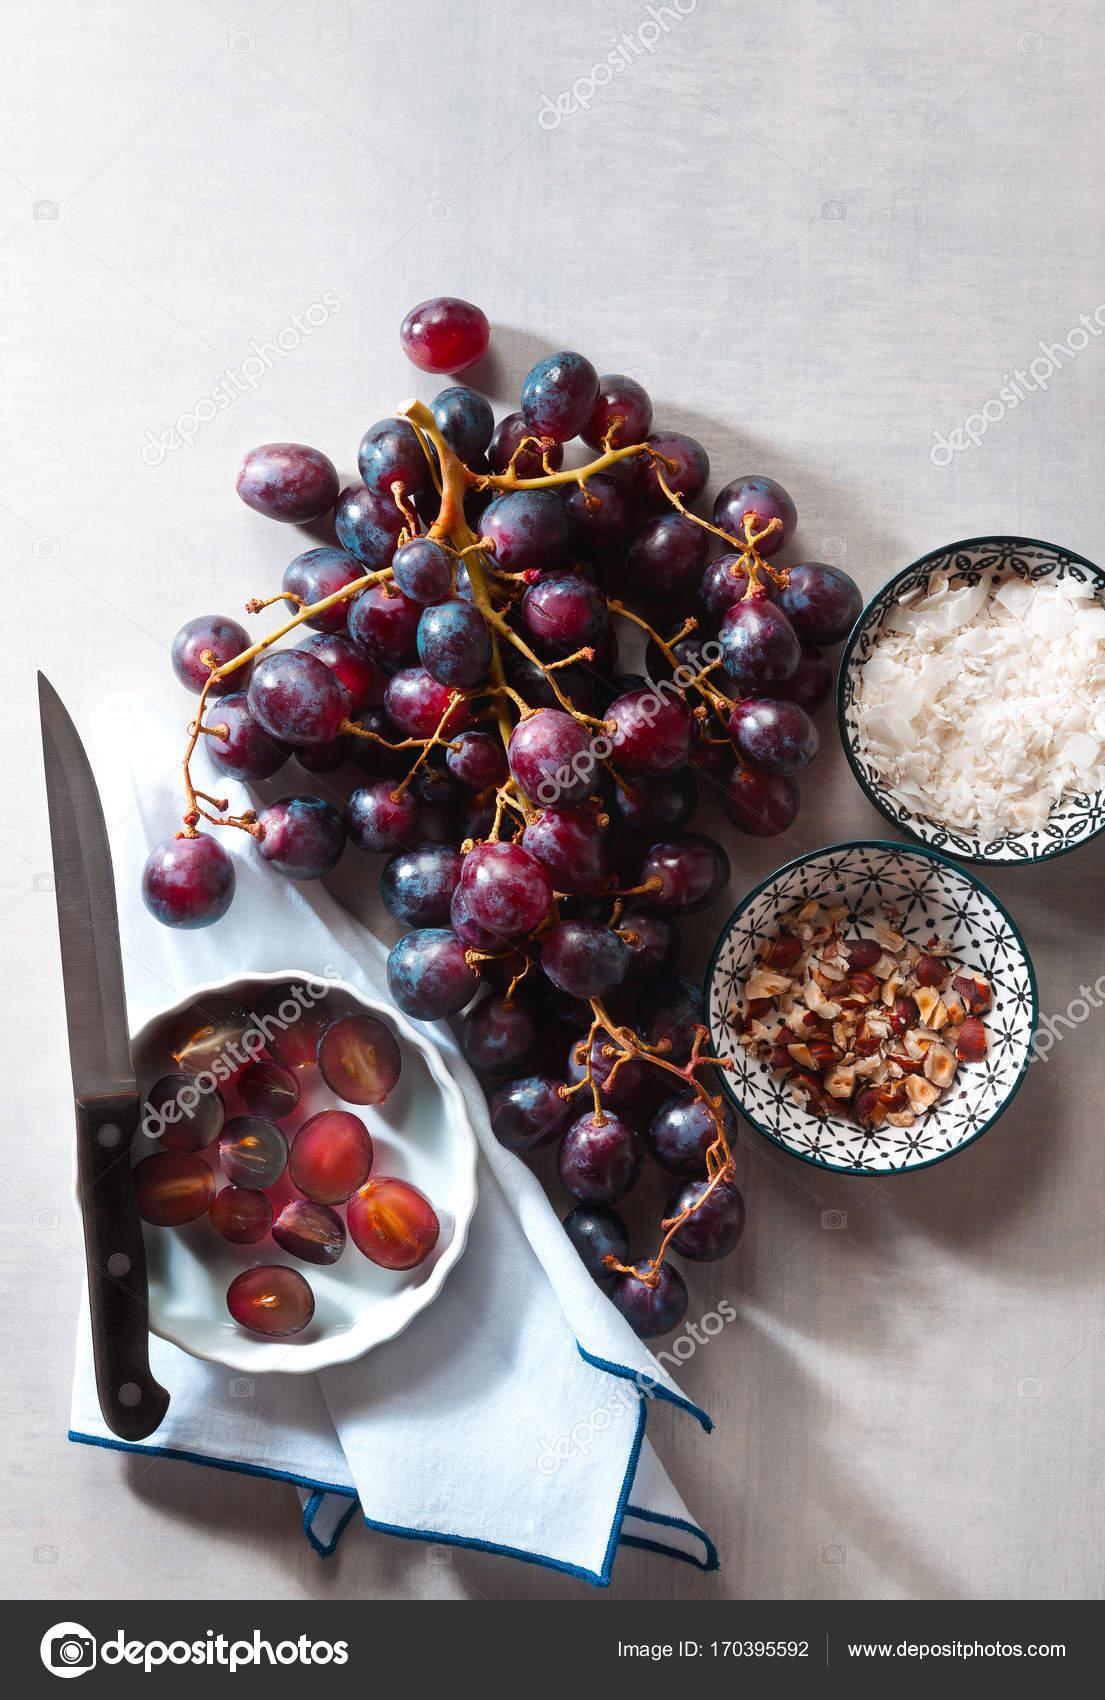 Zutaten Fur Vegane Kuchen Aus Trauben Und Kokosmehl Und Haze